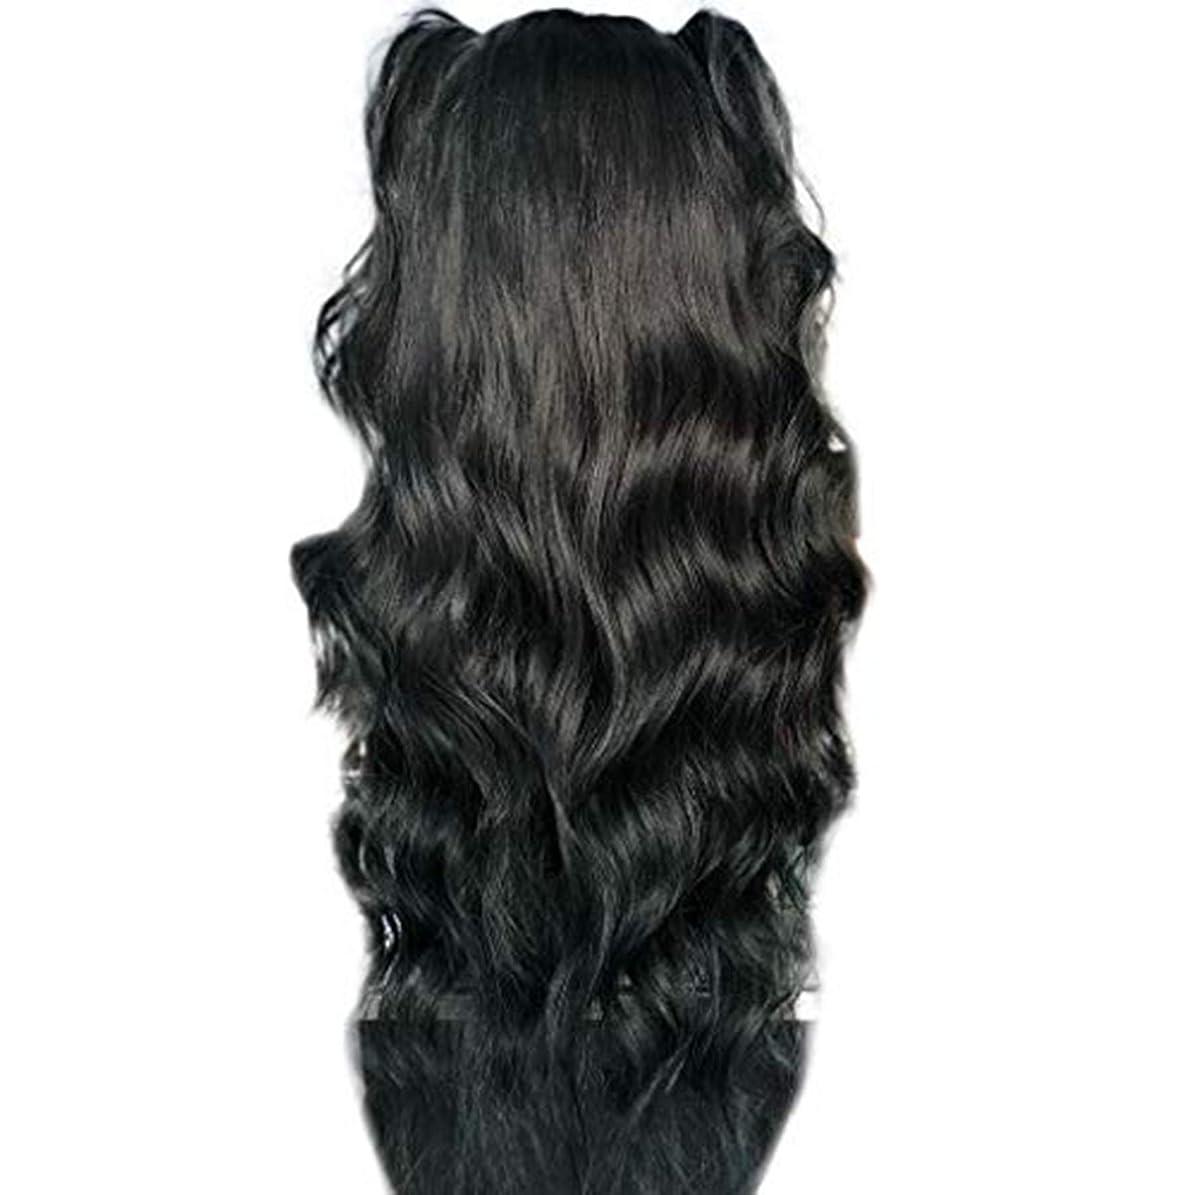 教えて光景タービンかつら女性長い巻き毛の化学繊維高温シルクフロントレースかつら26インチ